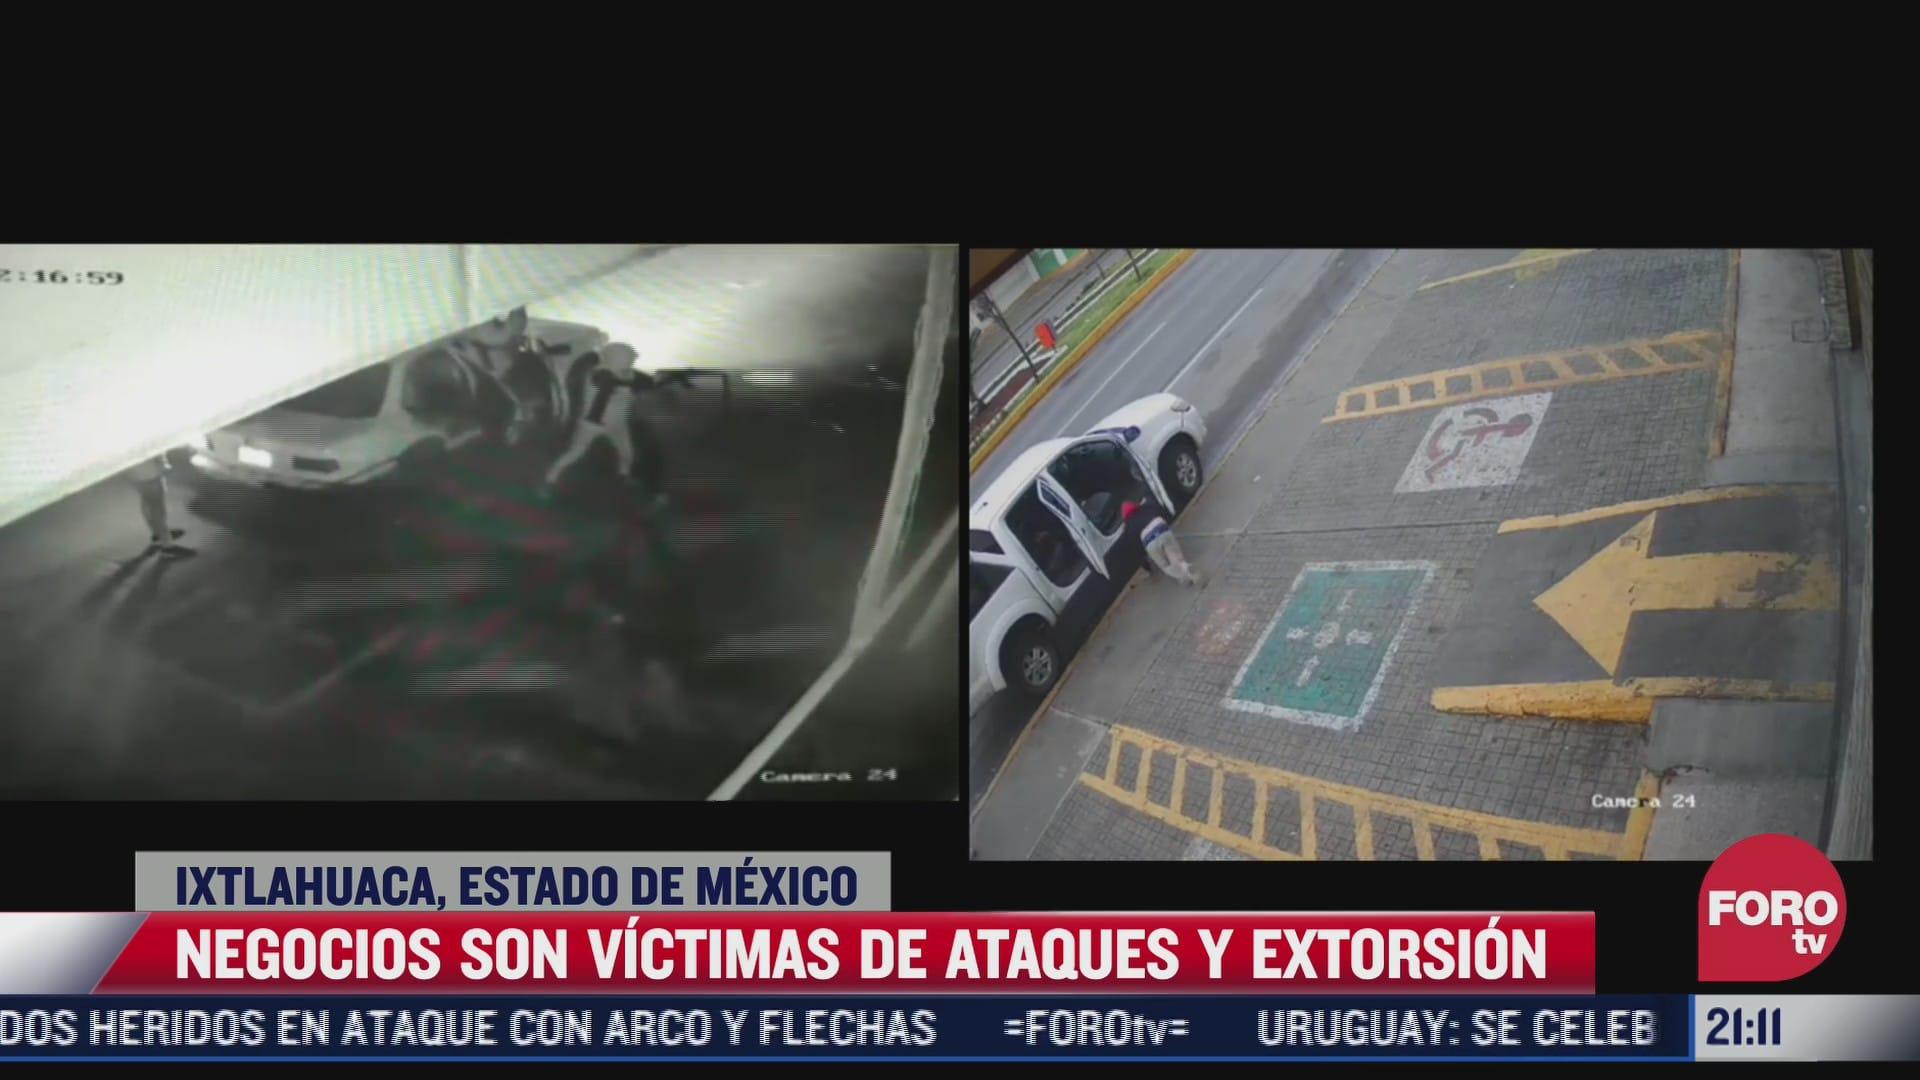 negocios en ixtlahuaca estado de mexico son victimas de extorsion